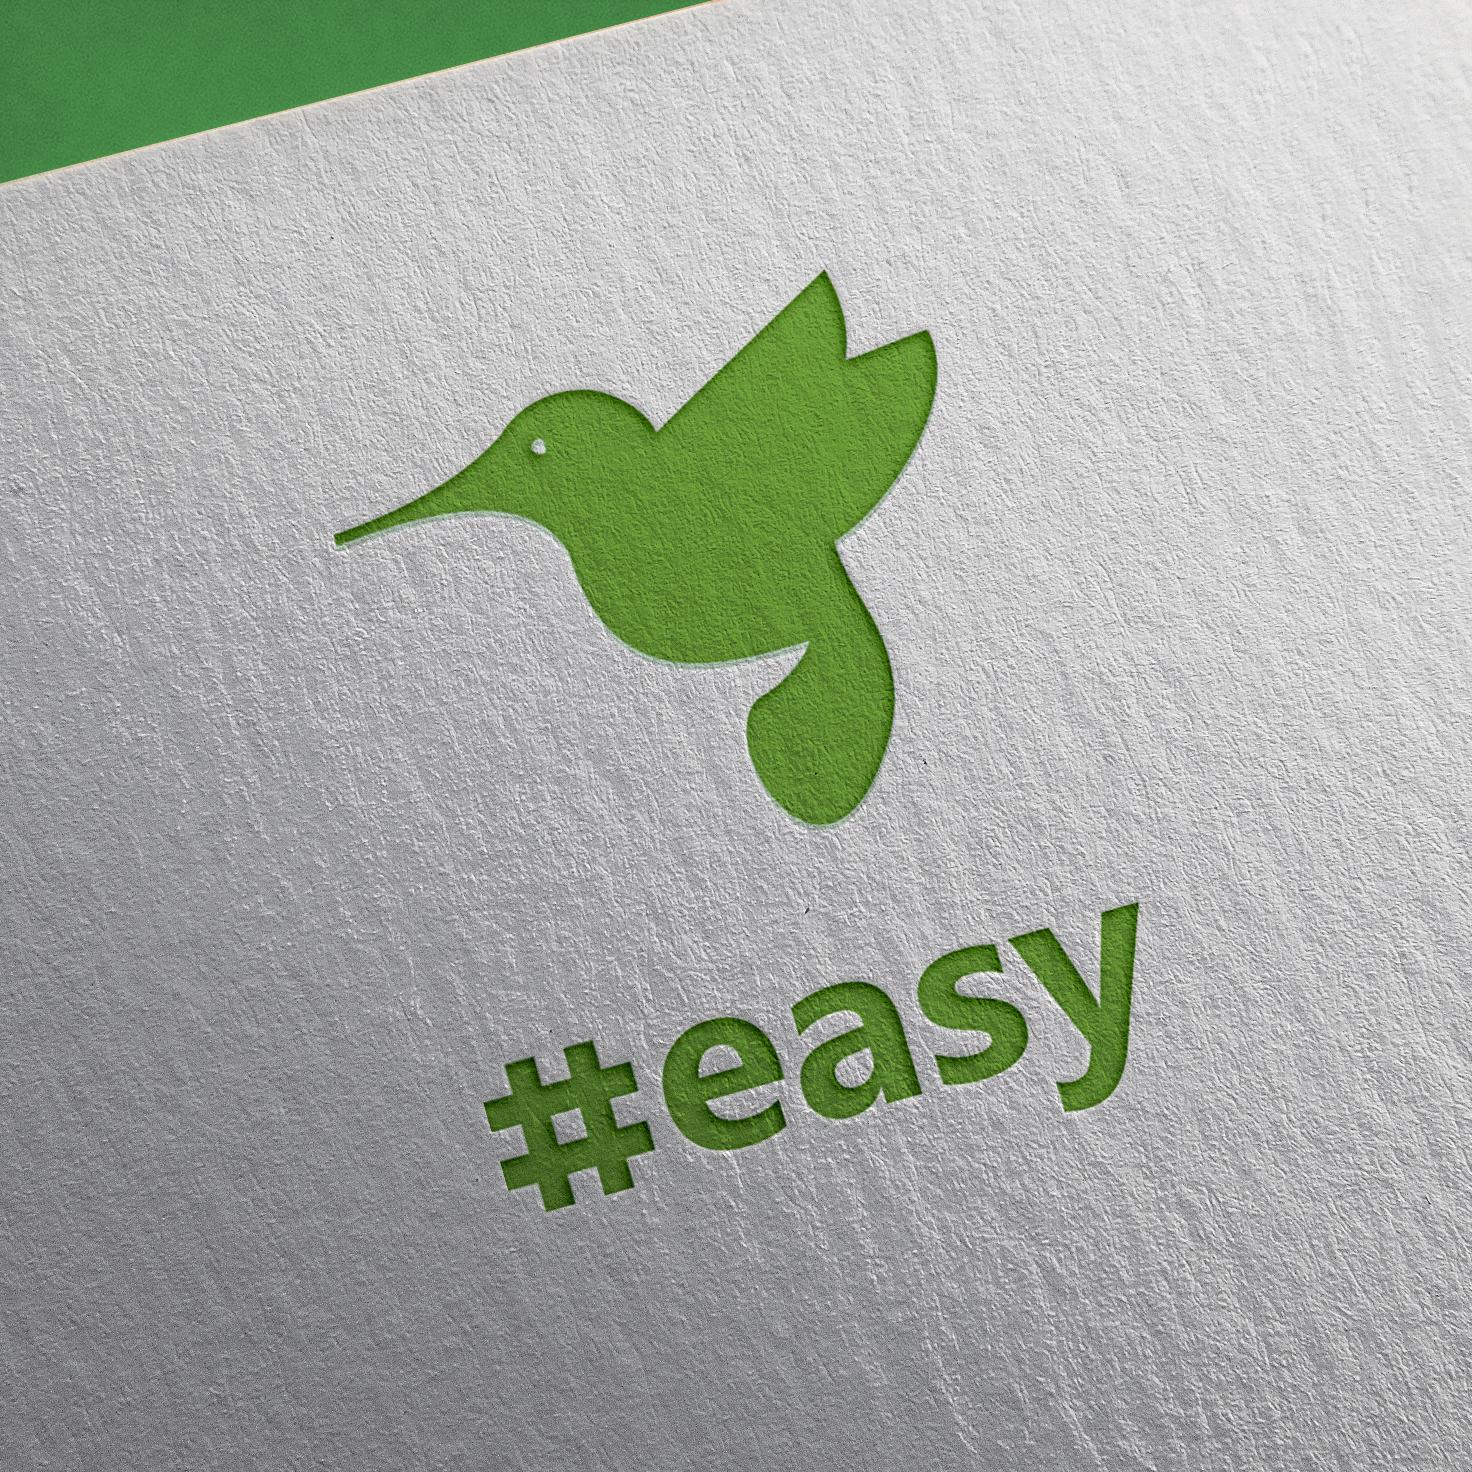 Разработка логотипа в виде хэштега #easy с зеленой колибри  фото f_2275d4e01fa1bfc4.jpg